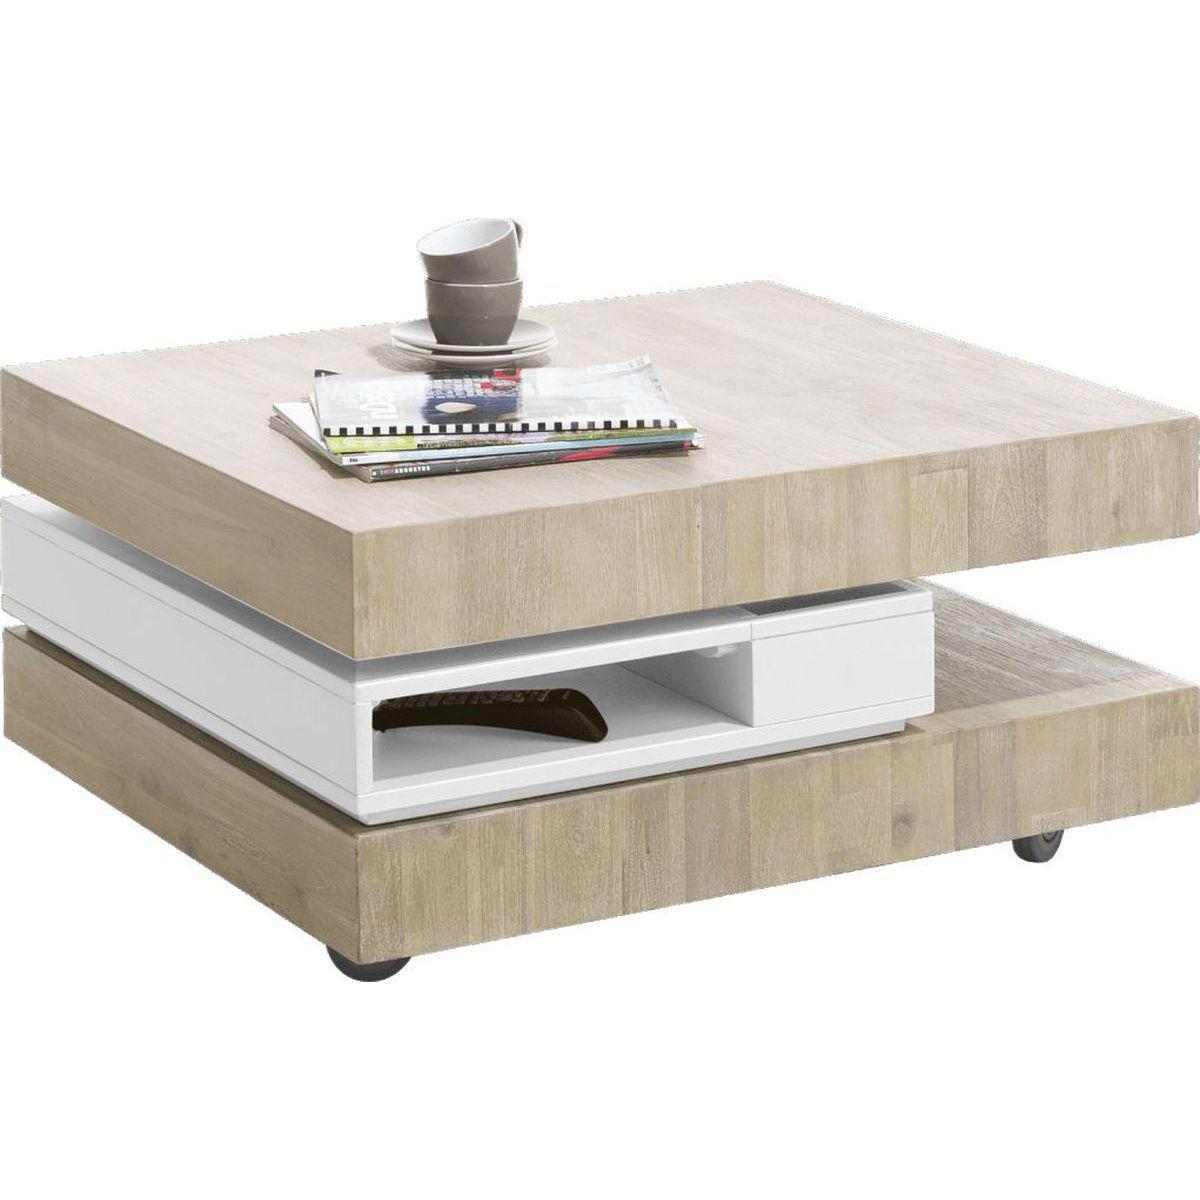 Table basse MULTIPLUS HetH tibet grey-blanc